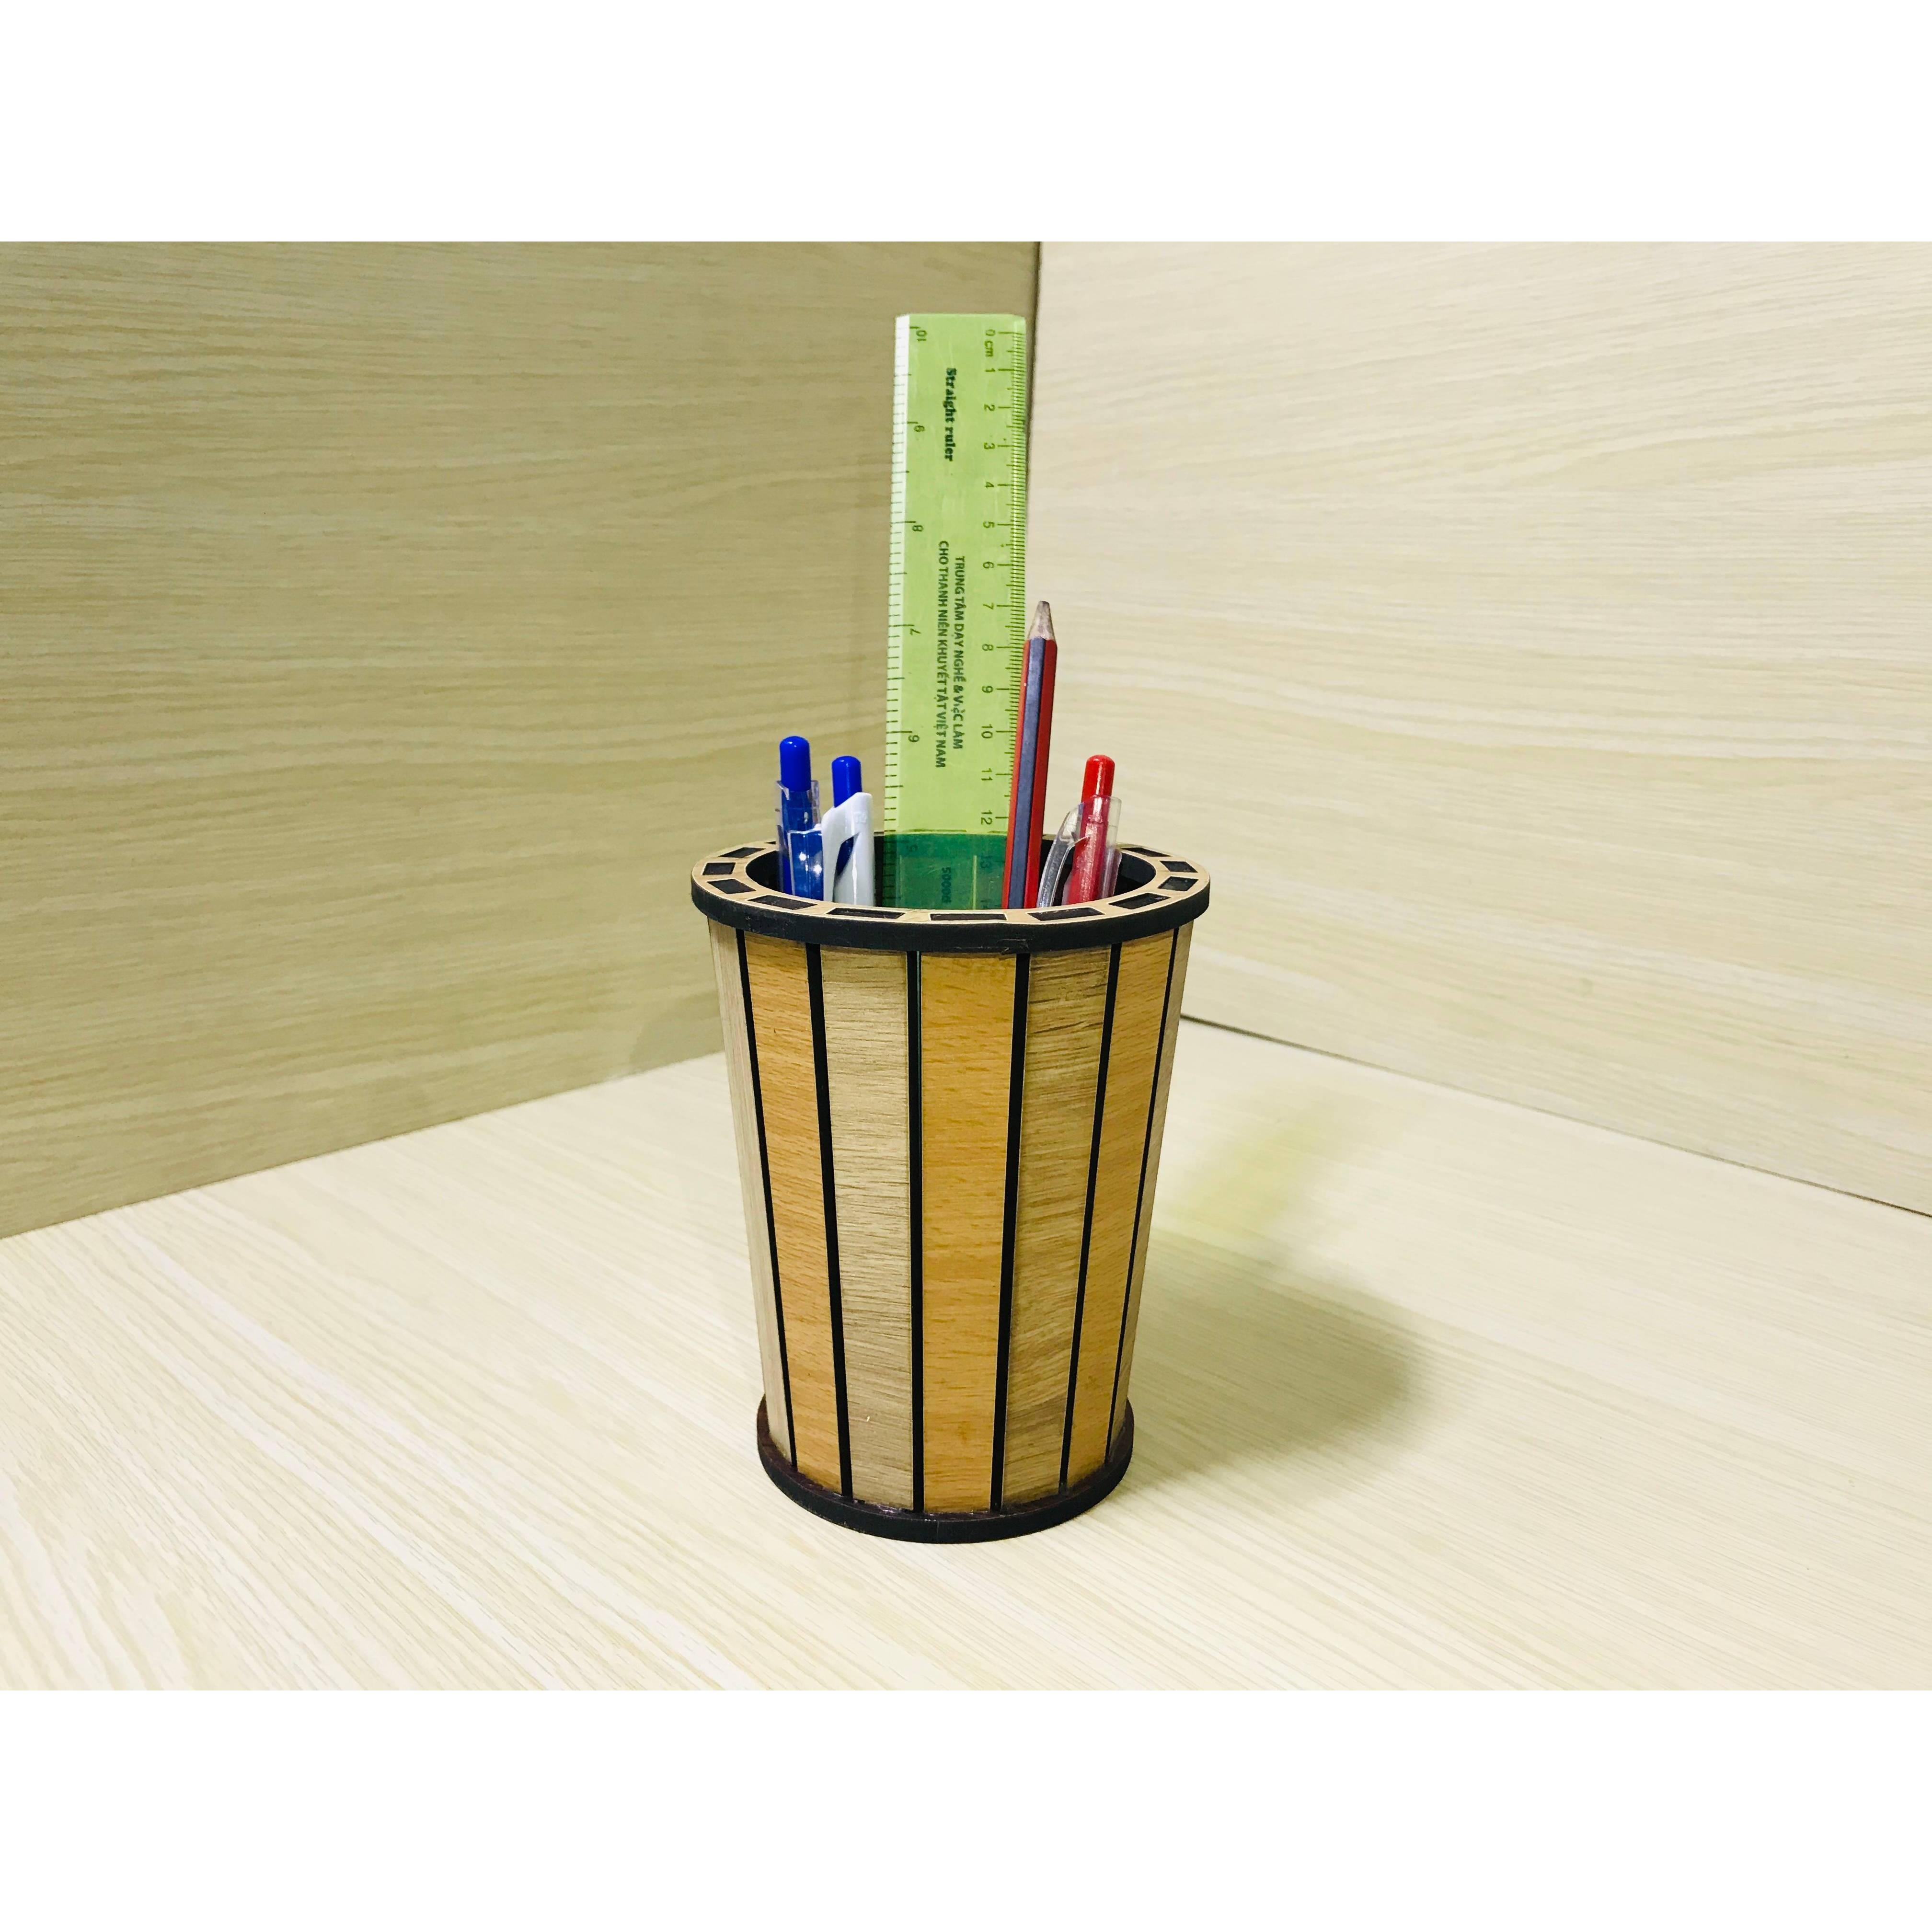 Ống Cắm Bút, Cắm Hoa Nhựa, Đựng Vật Dụng Bằng Gỗ Cao Cấp